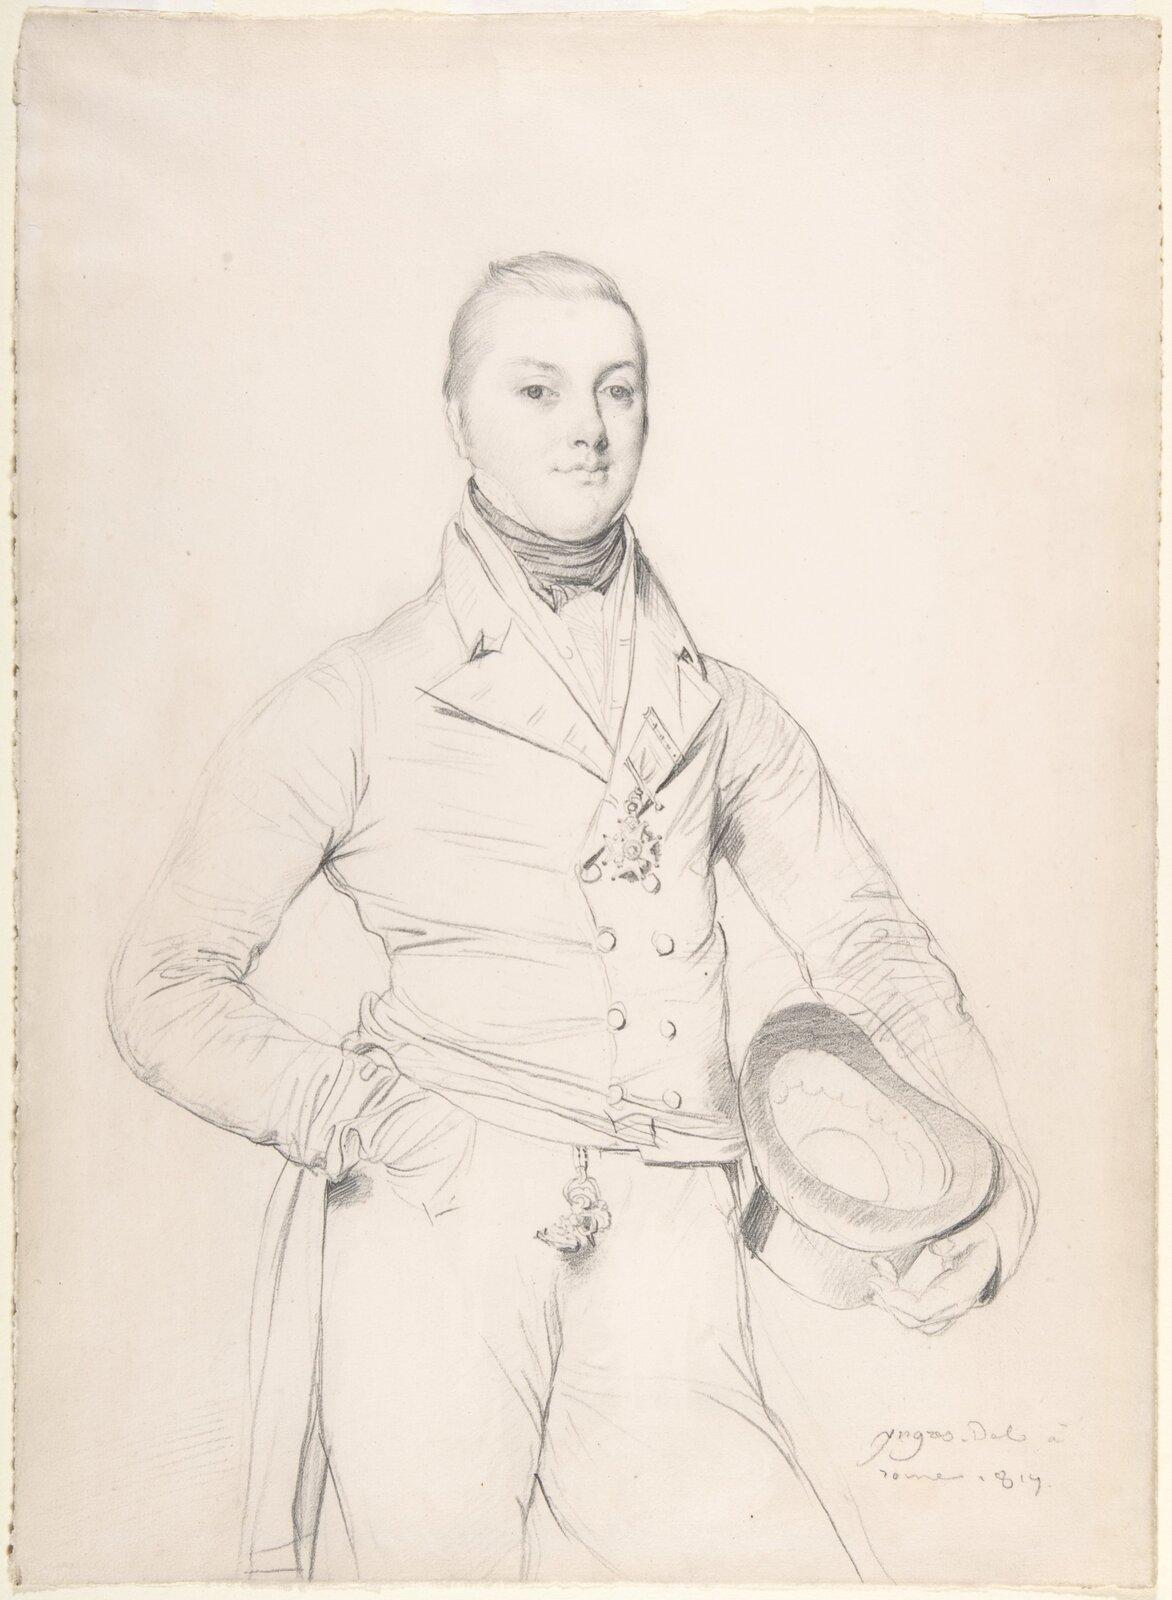 """Ilustracja przedstawia rysunek """"Admirał Sir Fleetwood Broughton Reynolds Pellew"""" autorstwa Jeana-Augustea-Dominiquea Ingresa. Dzieło ukazuje szkic ołówkiem na pożółkłym papierze. Artysta przy pomocy lekko cieniowanego konturu narysował gładko zaczesanego młodego mężczyznę we fraku zprzypiętym wklapie medalem oraz halsztukiem pod szyją. Postać lewą ręką przytrzymuje oparty na biodrze kapelusz. Wdolnym, prawym rogu widnieje data ipodpis Ingresa. Rysunek skomponowany jest statycznie, postać mężczyzny znajduje się wjego centrum."""